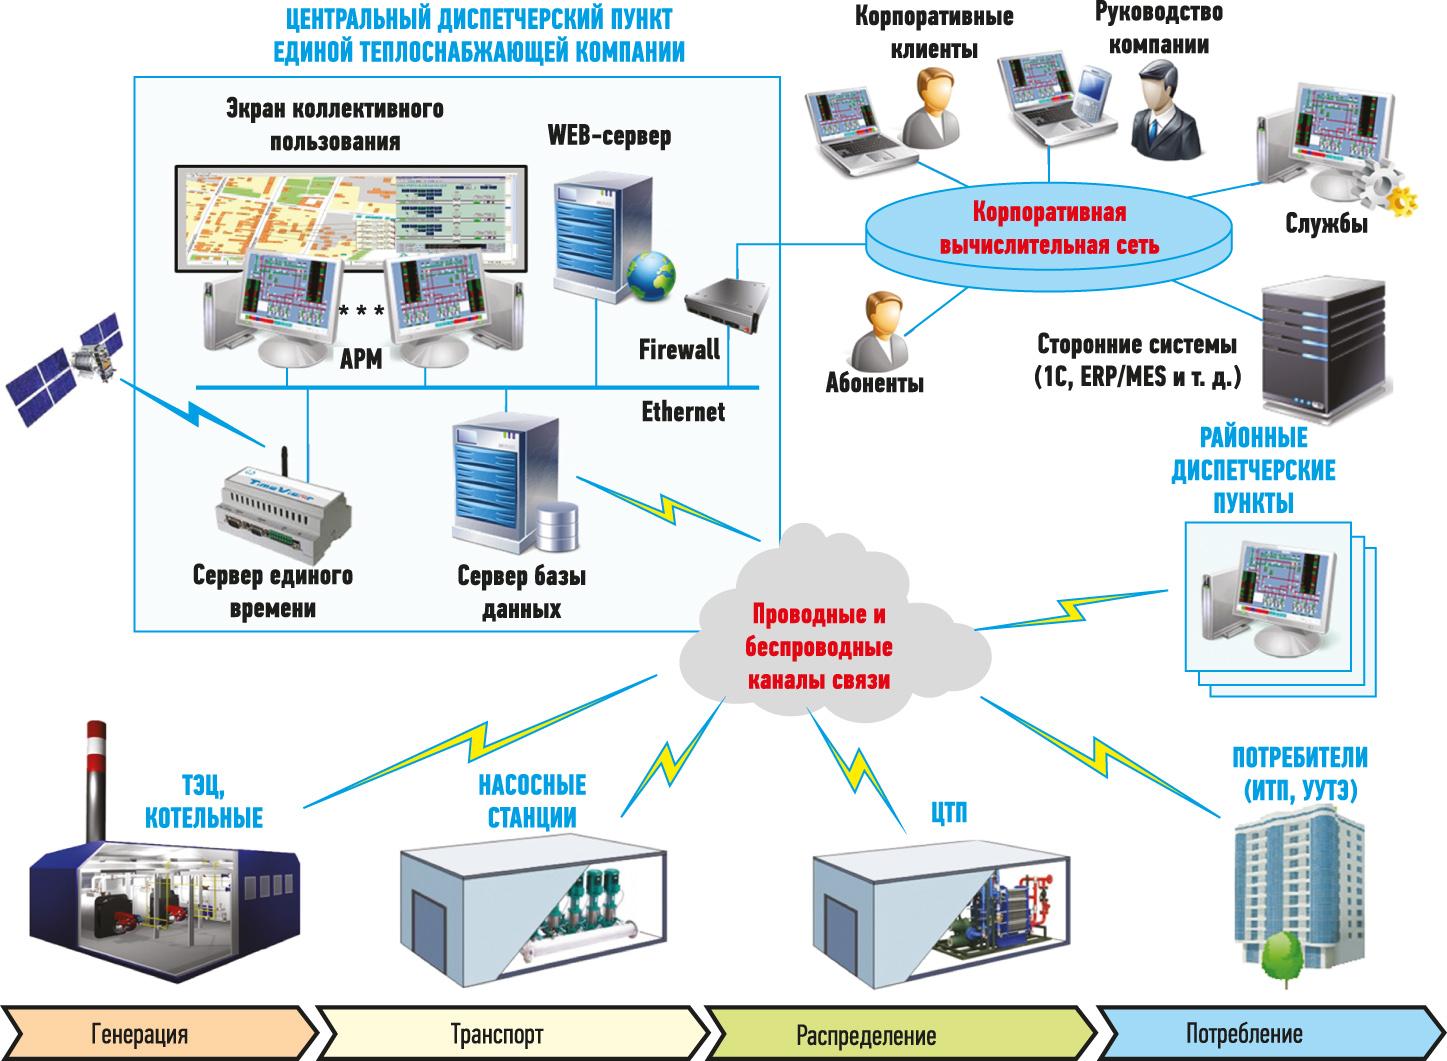 Типовая структурная схема системы диспетчерского управления теплоснабжающей компании